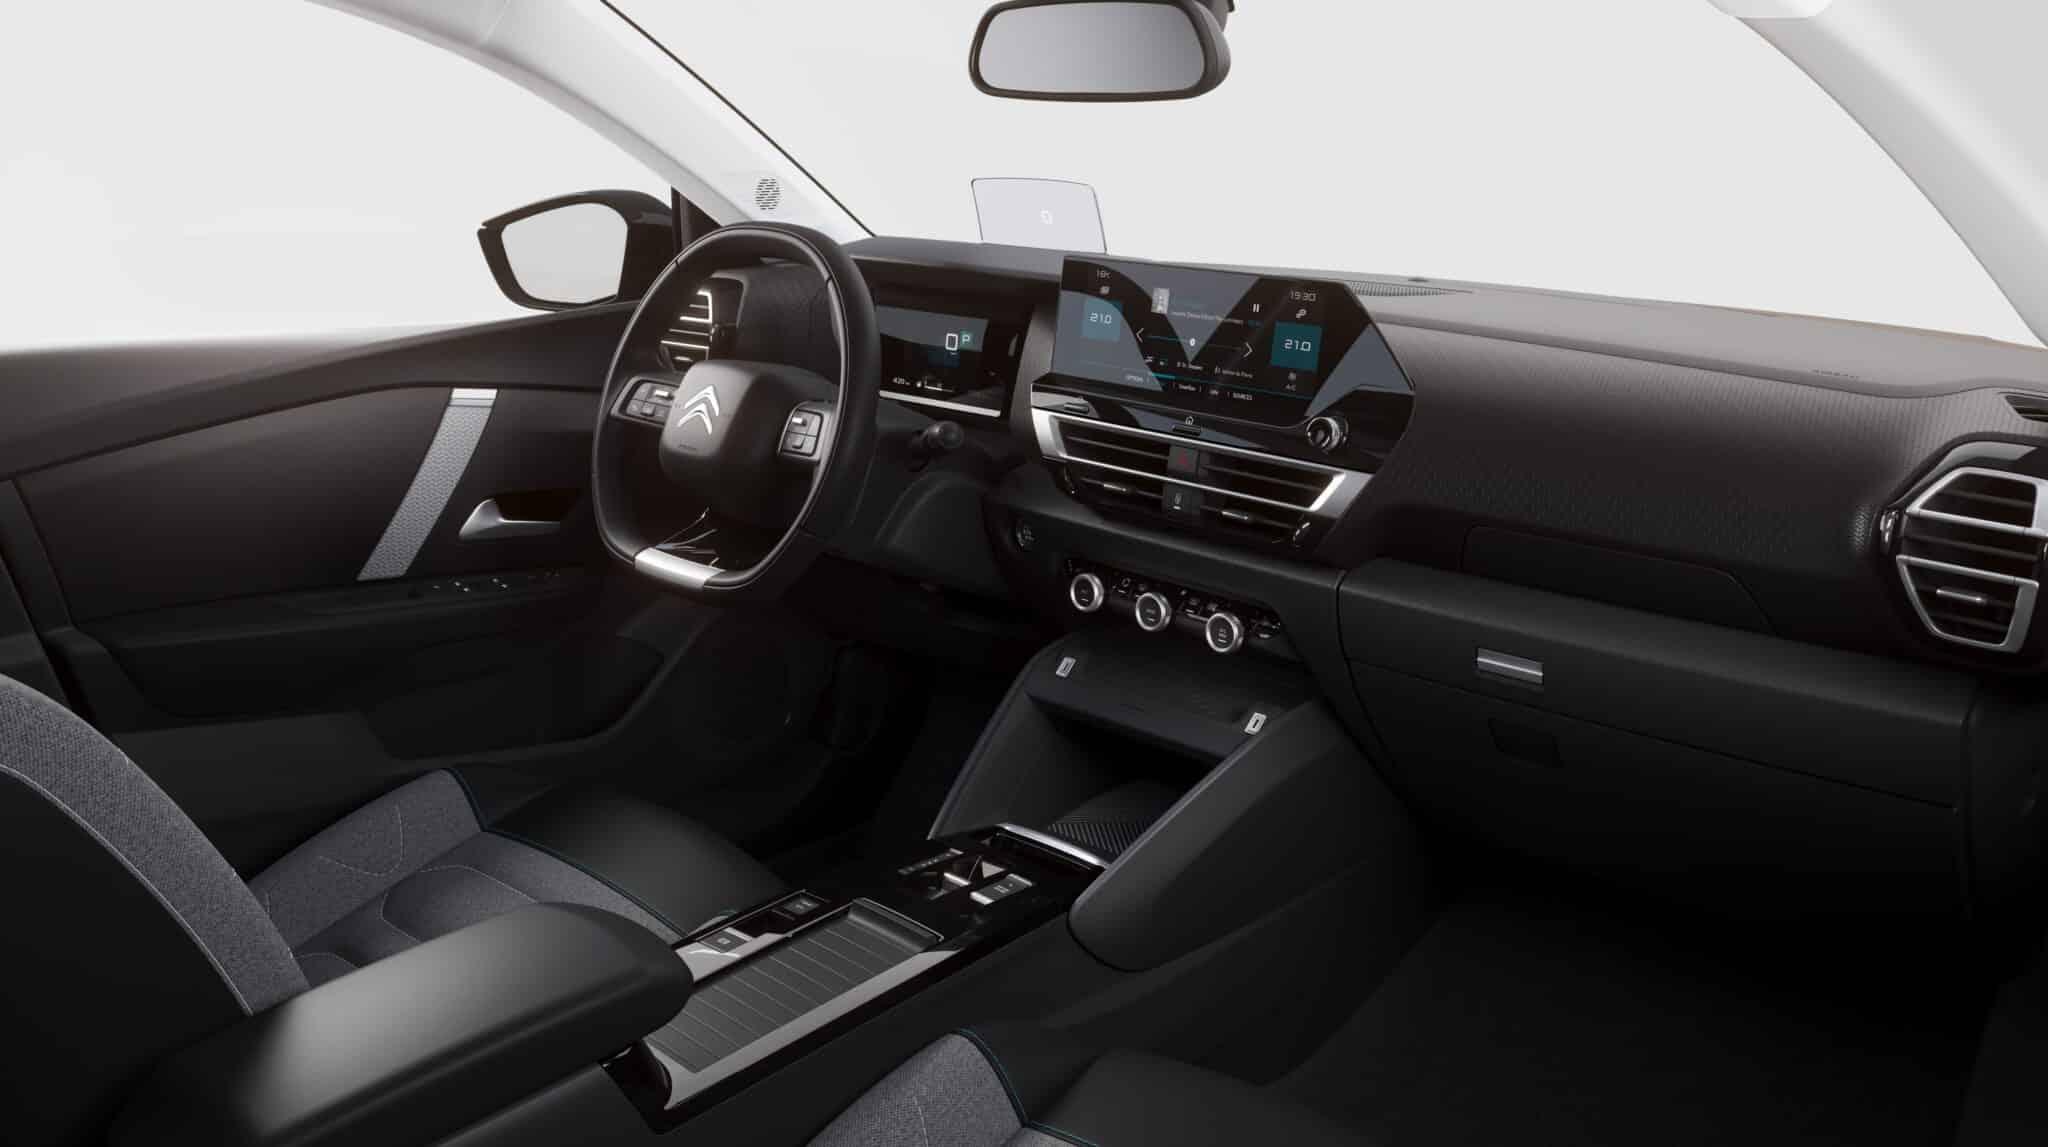 Neuer ë-C4 - Citroën erfindet die Kompaktlimousine NEU! » CL 20.024.0142 min scaled